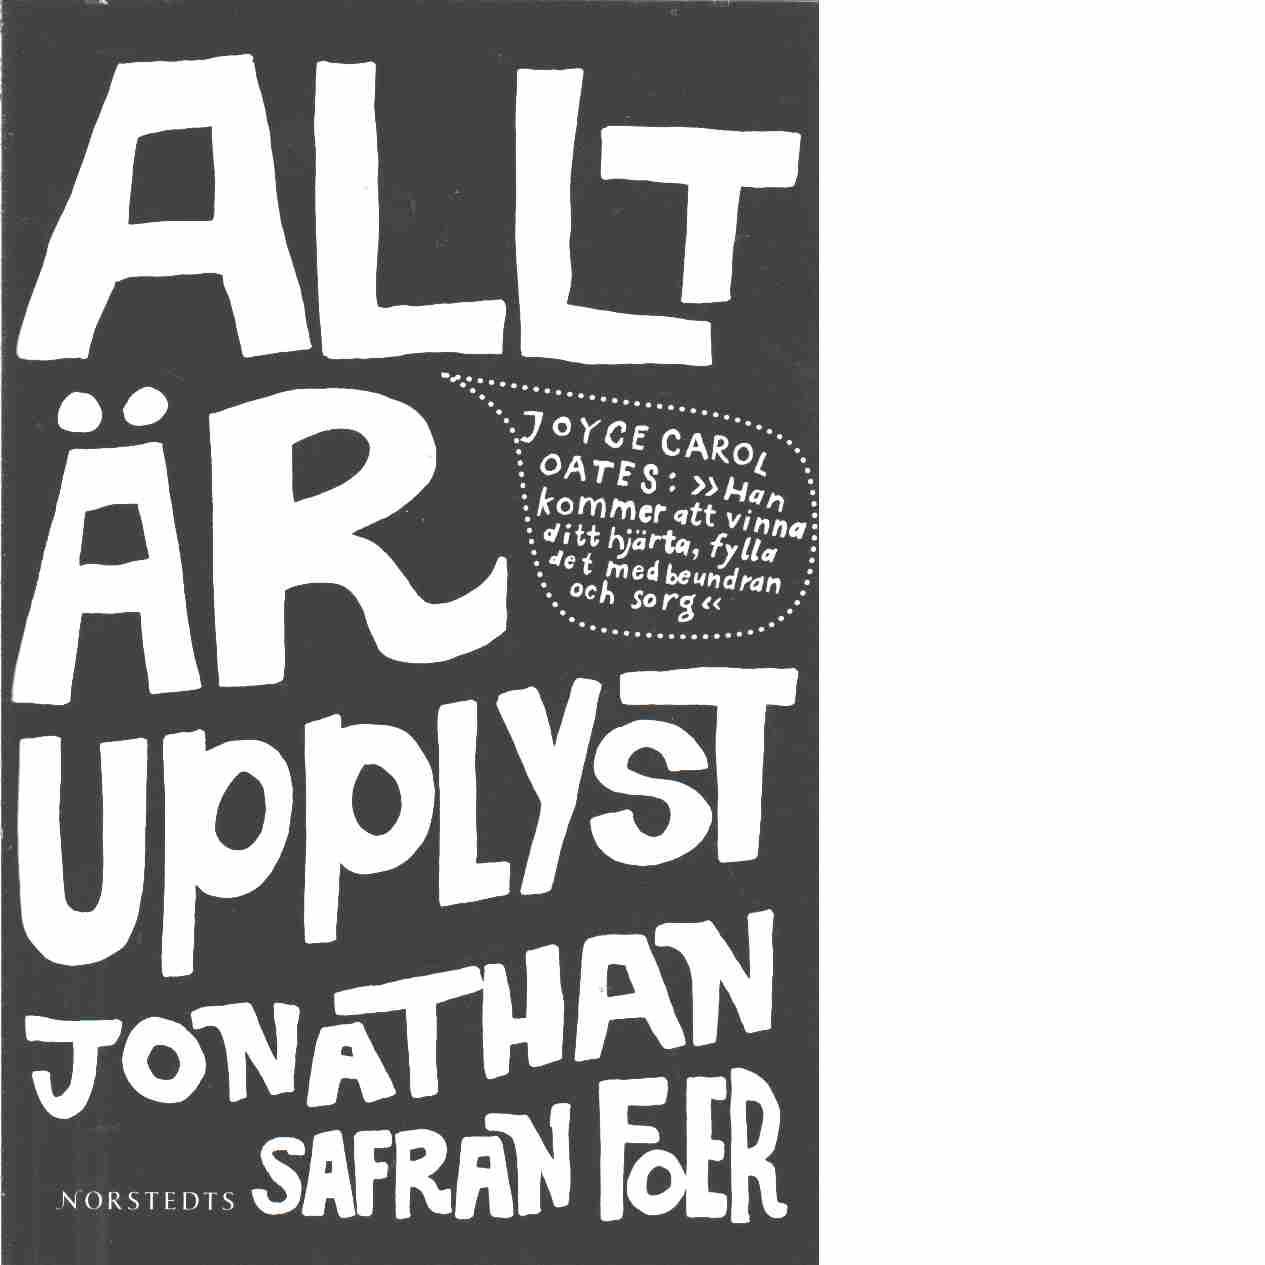 Allt är upplyst  - Foer, Jonathan Safran